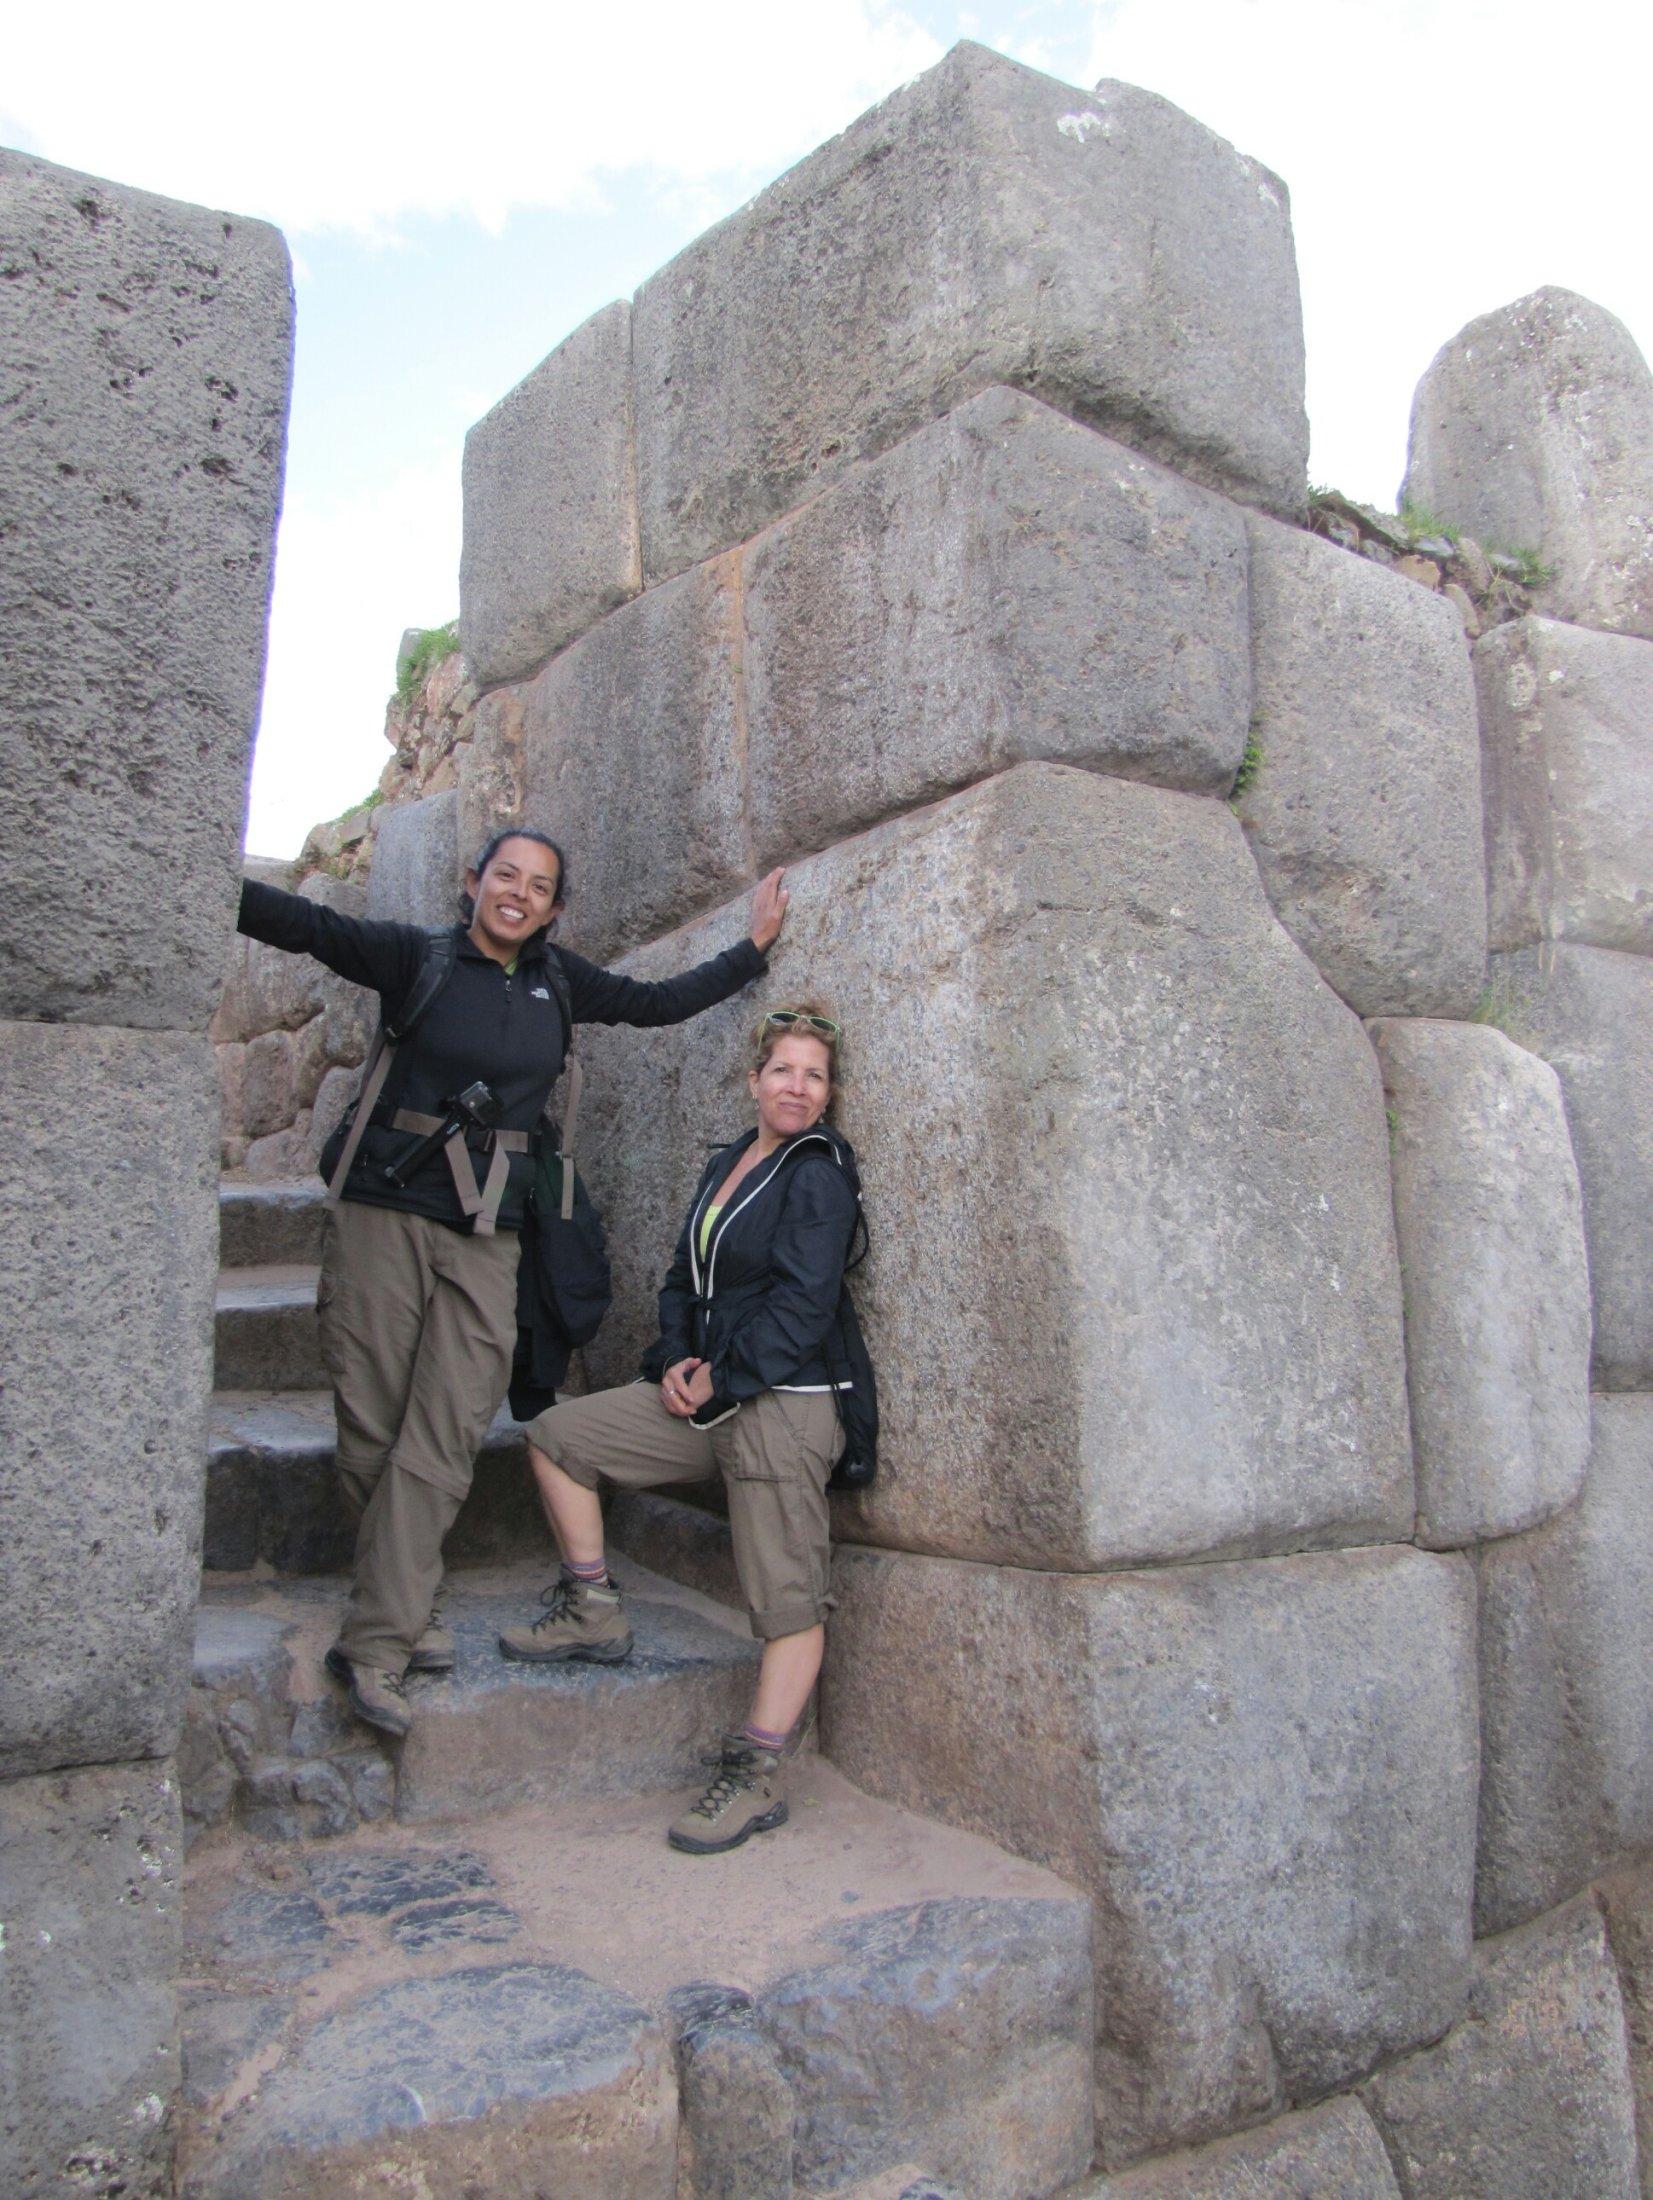 Posing at Saqsaywaman